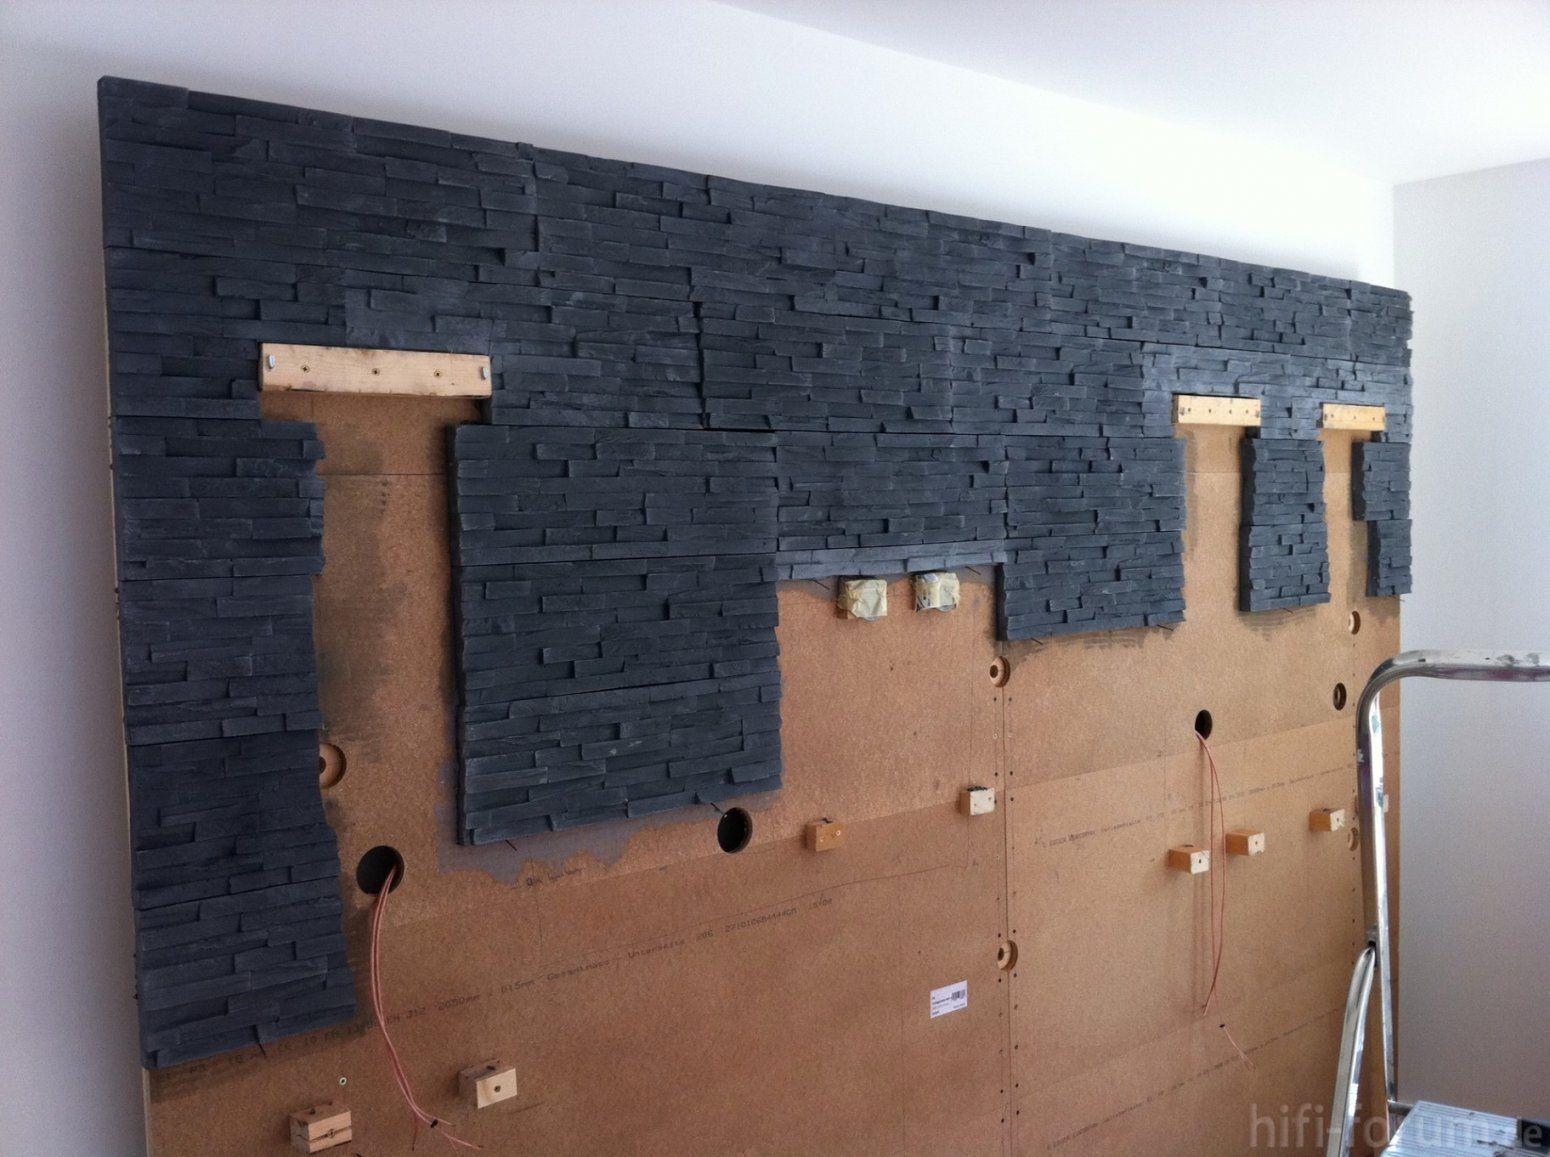 Herrlich Tv Wand Raumteiler Selber Bauen Für Raumteiler Selber Bauen von Raumteiler Wand Selber Bauen Bild